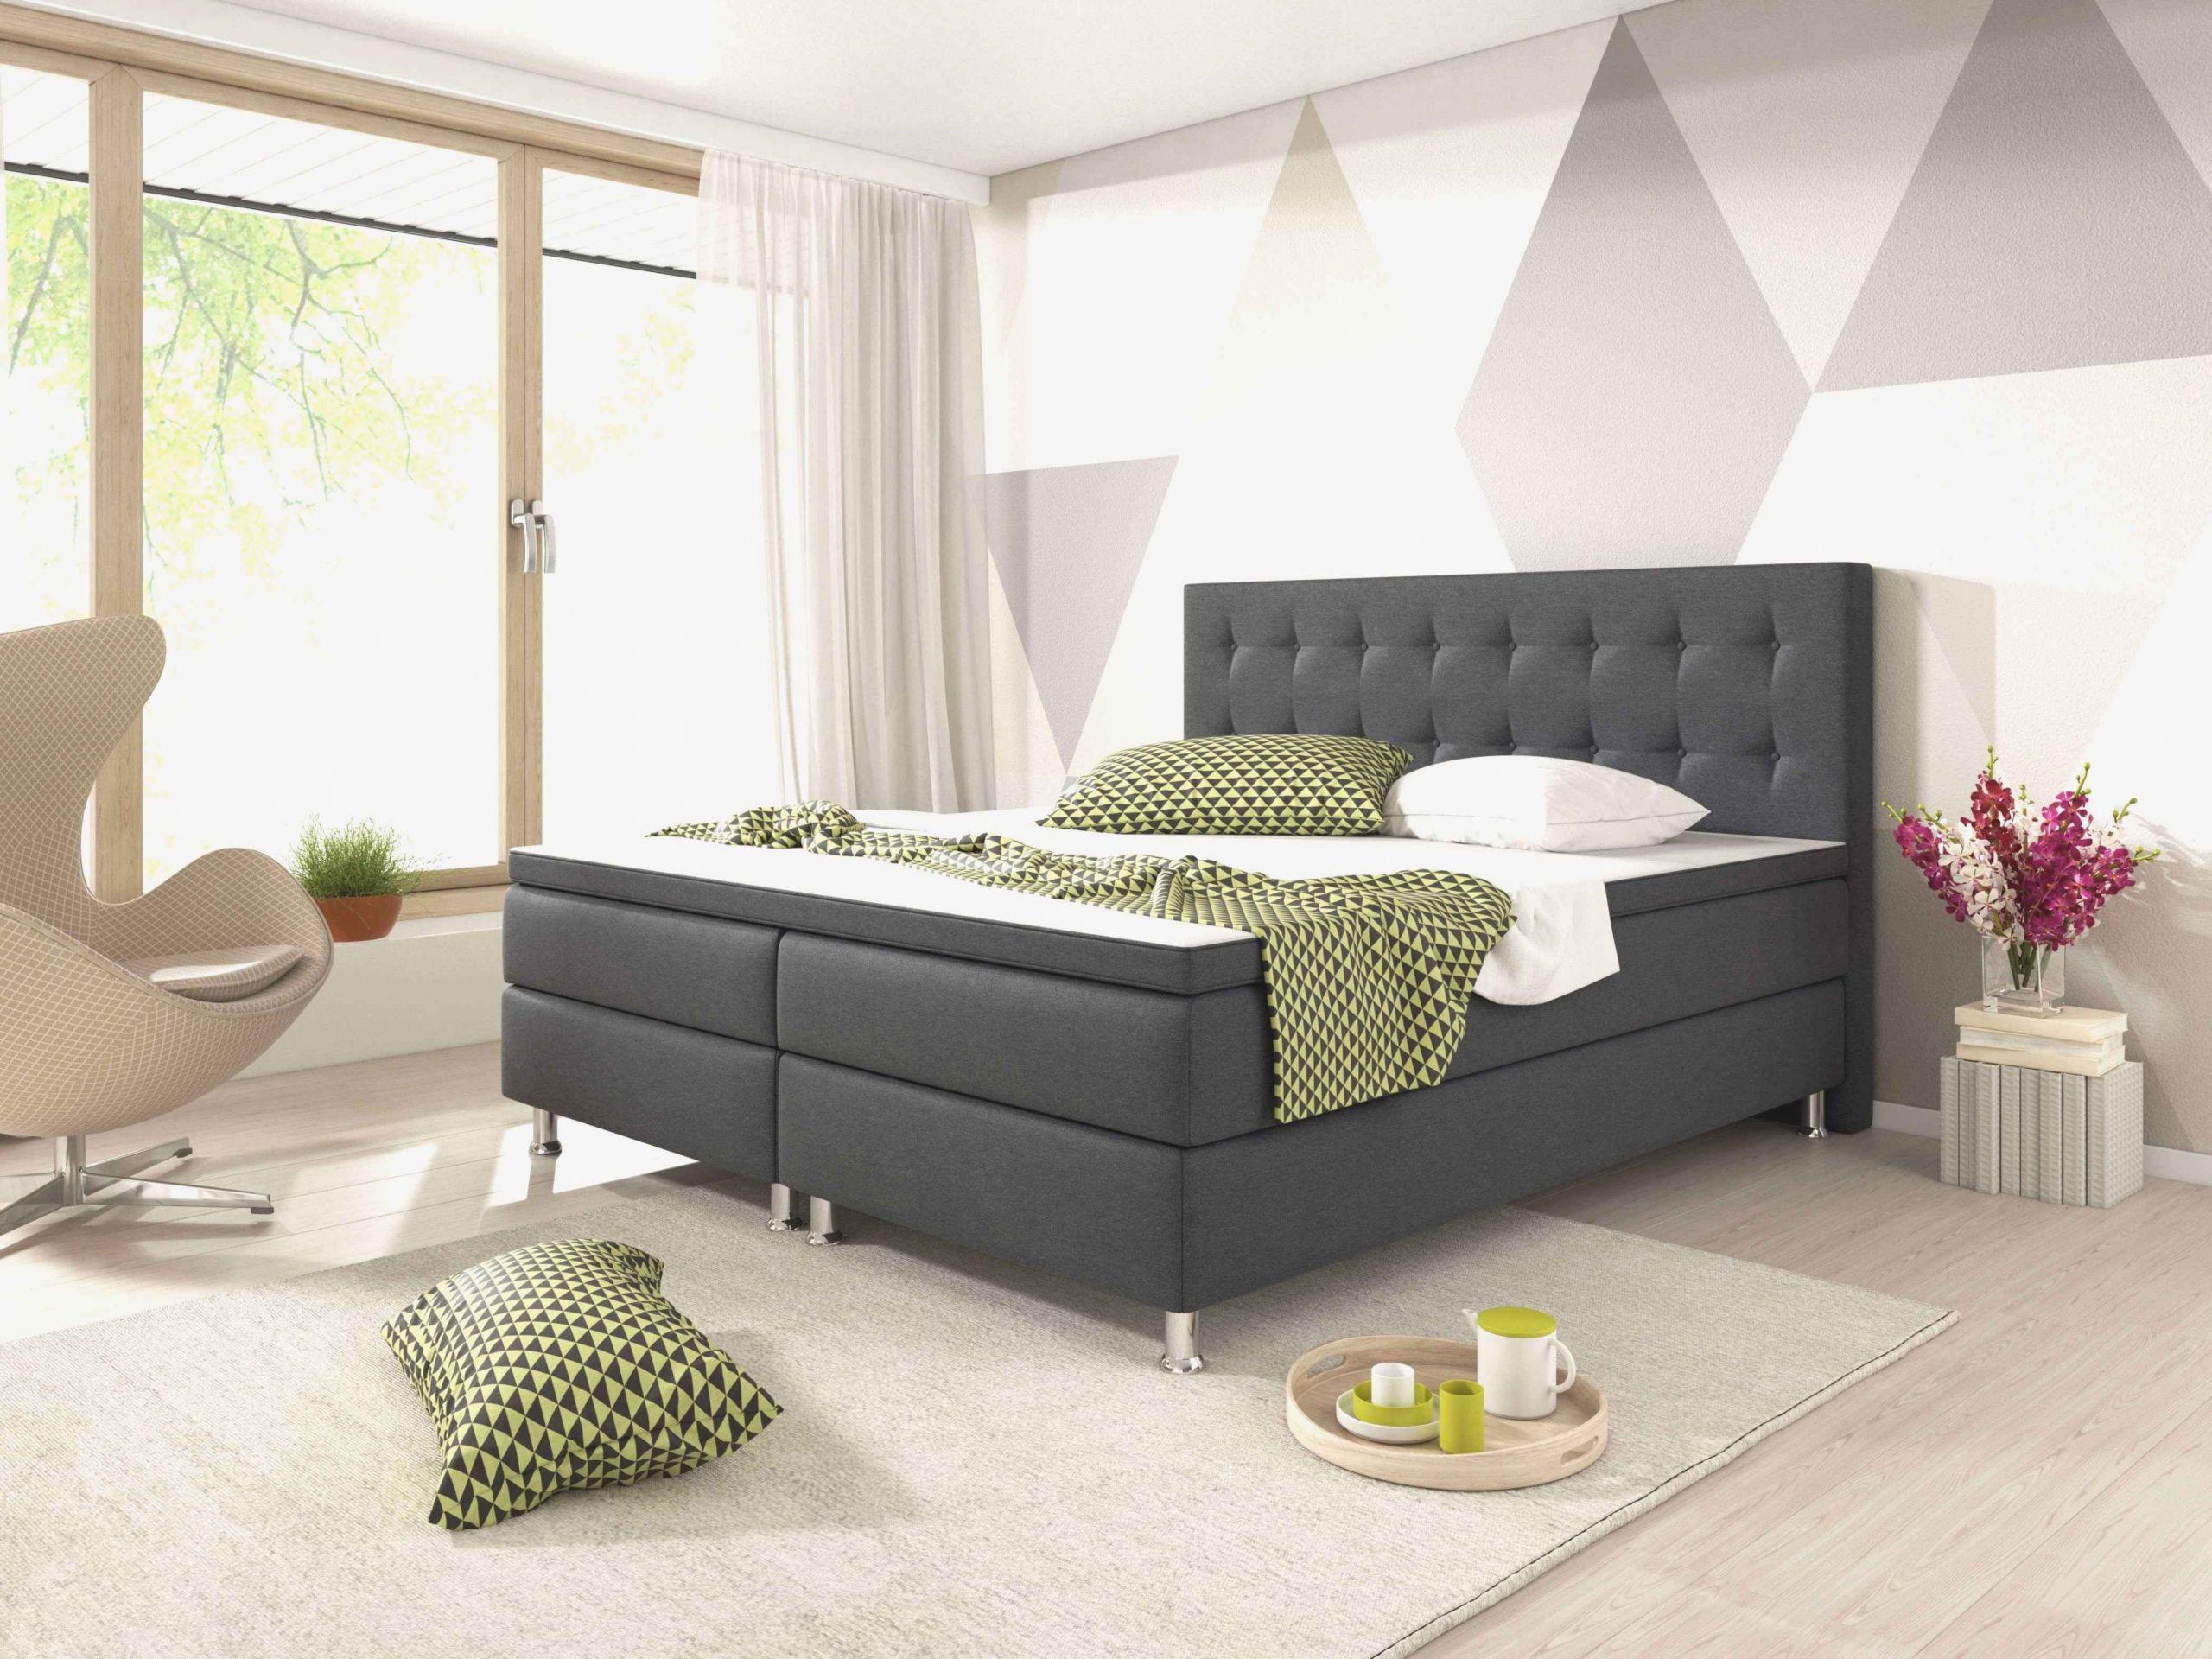 Außergewöhnliche Deko Einzigartig Klimaanlage Für Zuhause — Temobardz Home Blog